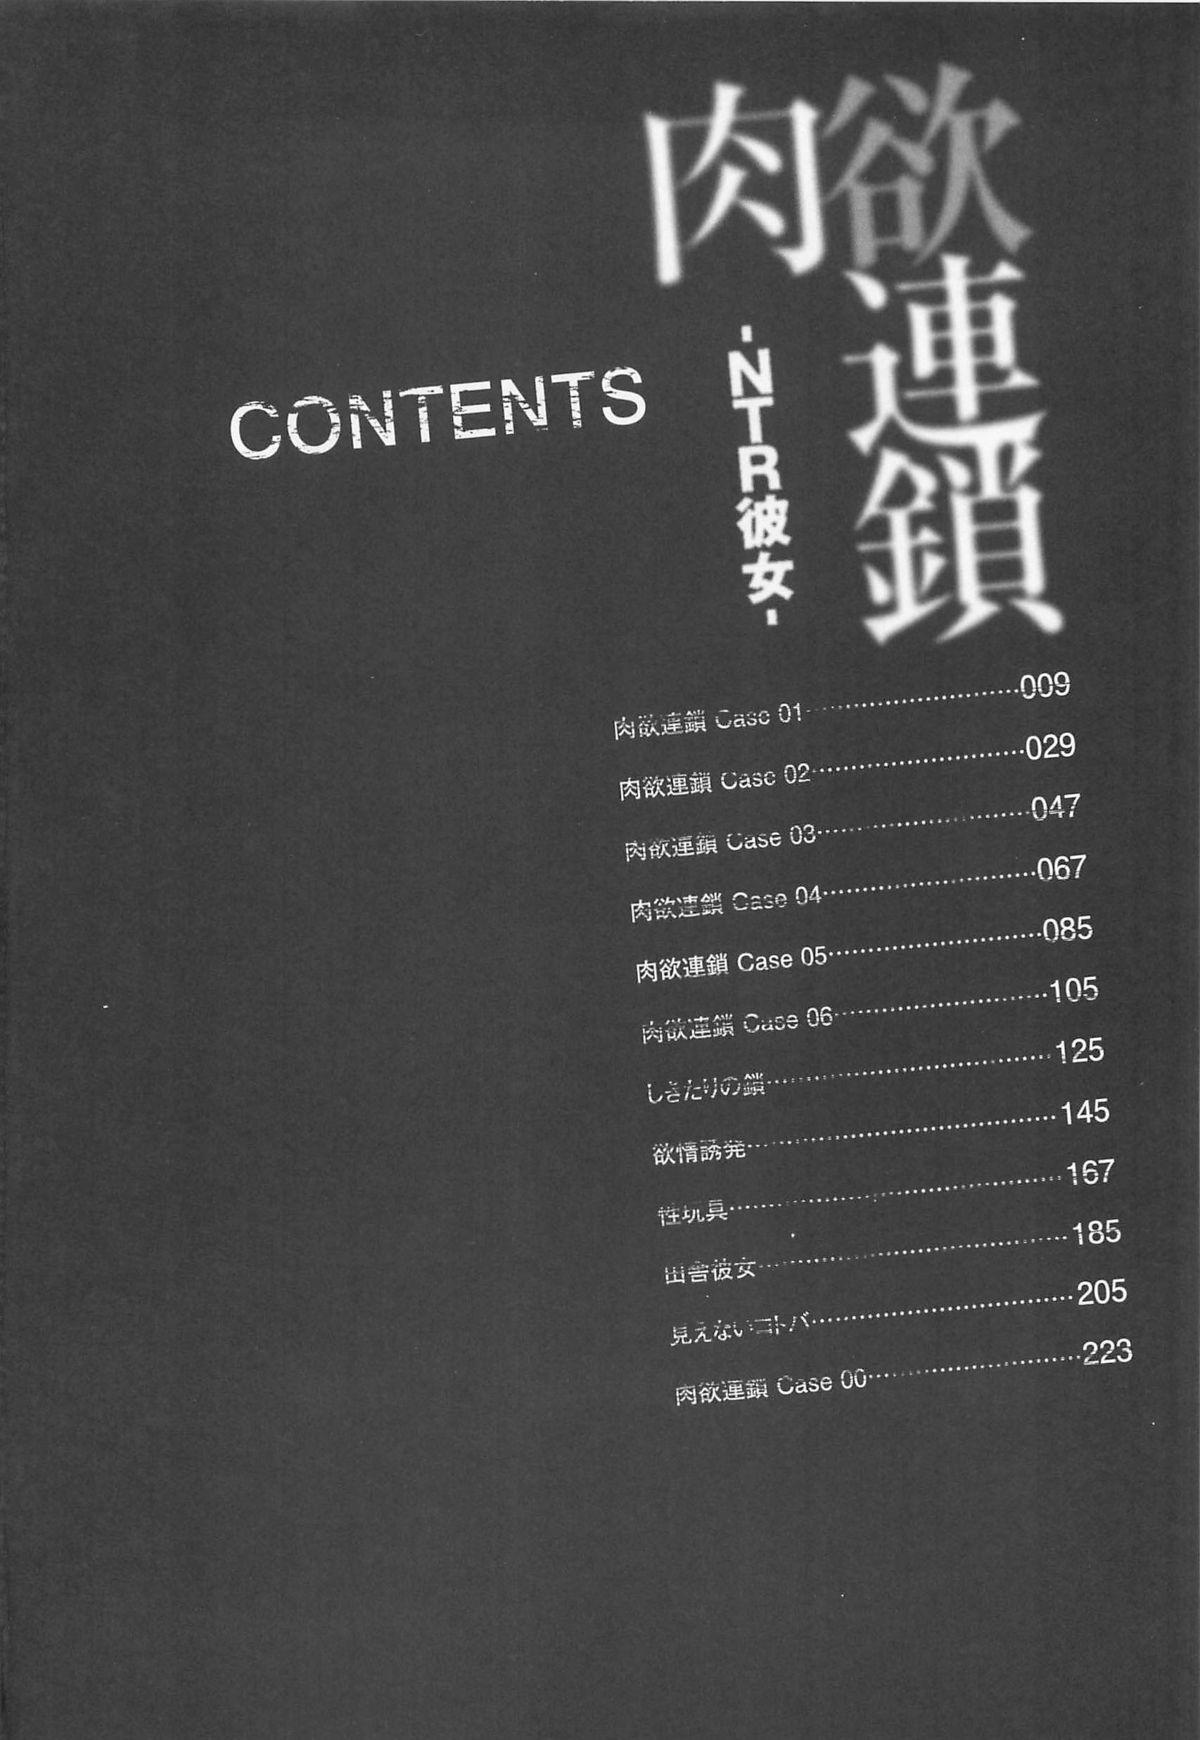 [Yuiga Naoha] Nikuyoku Rensa - NTR Kanojo   Chains of Lust - NTR Girlfriend [English] {doujin-moe.us} 5